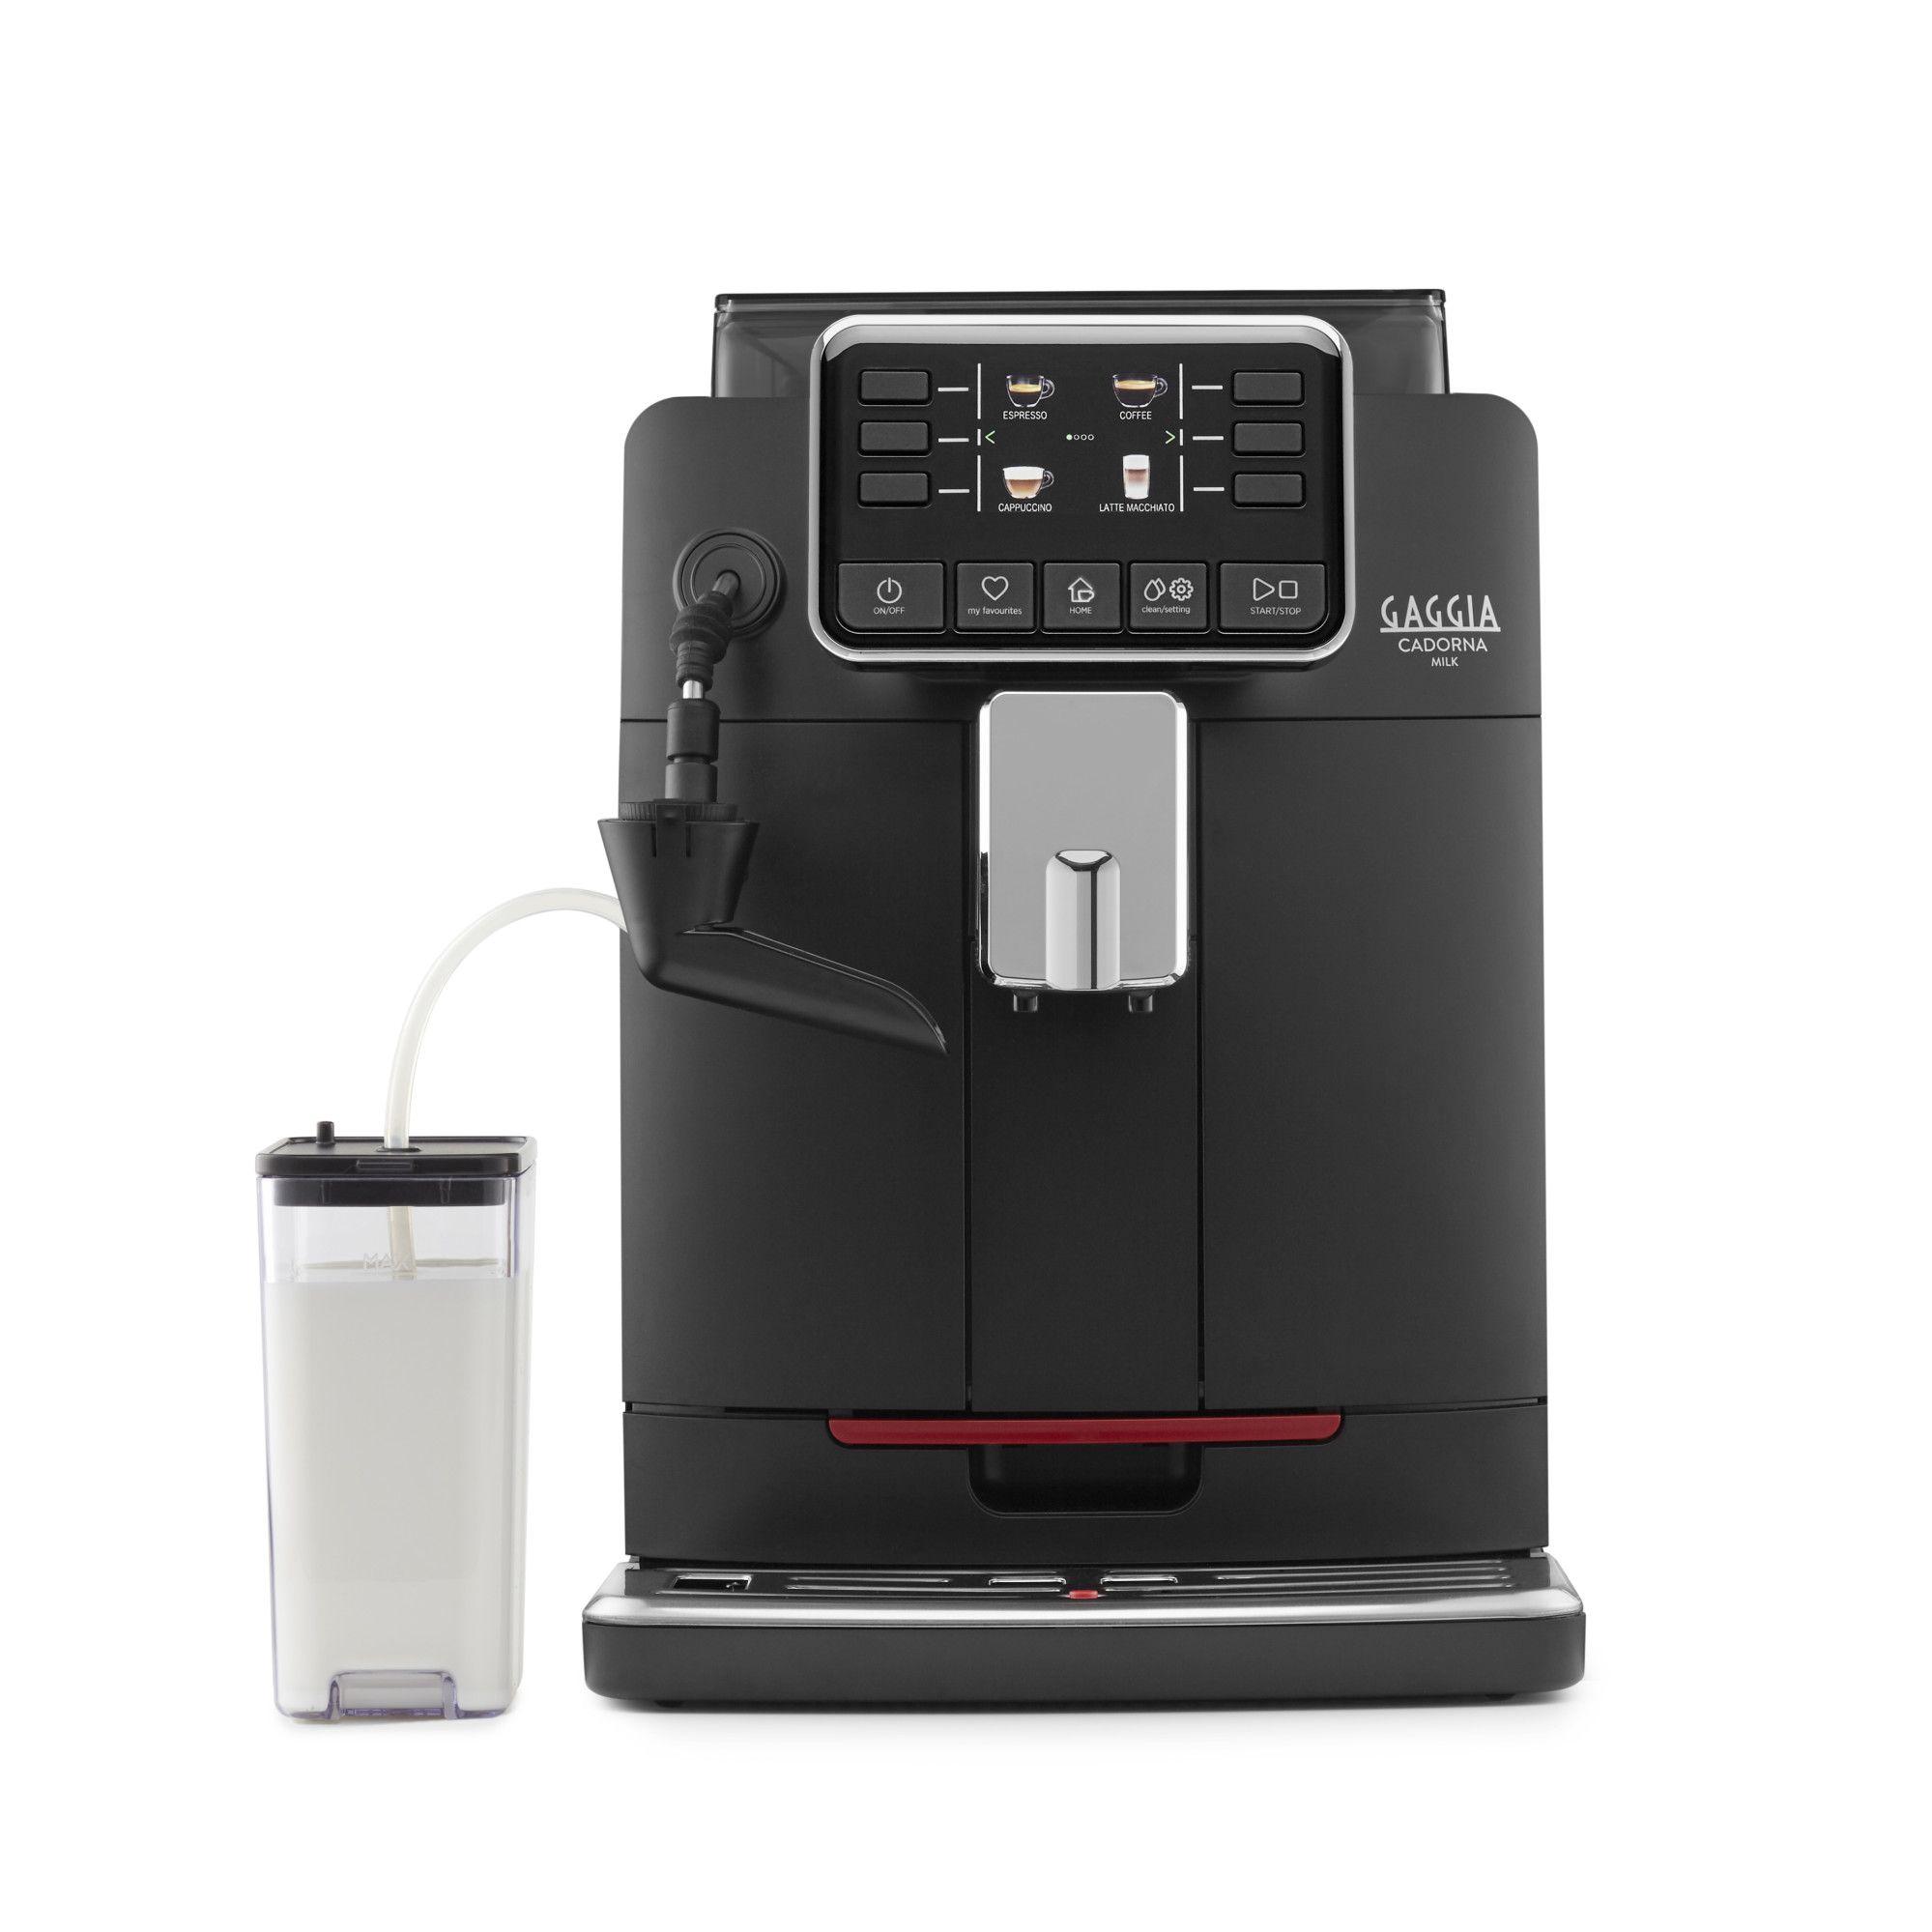 Espressor automat Gaggia Cadorna Milk, 15 bari, 1.5 l, 300g, contorizare, profile, cappuccinator, cafea cadou